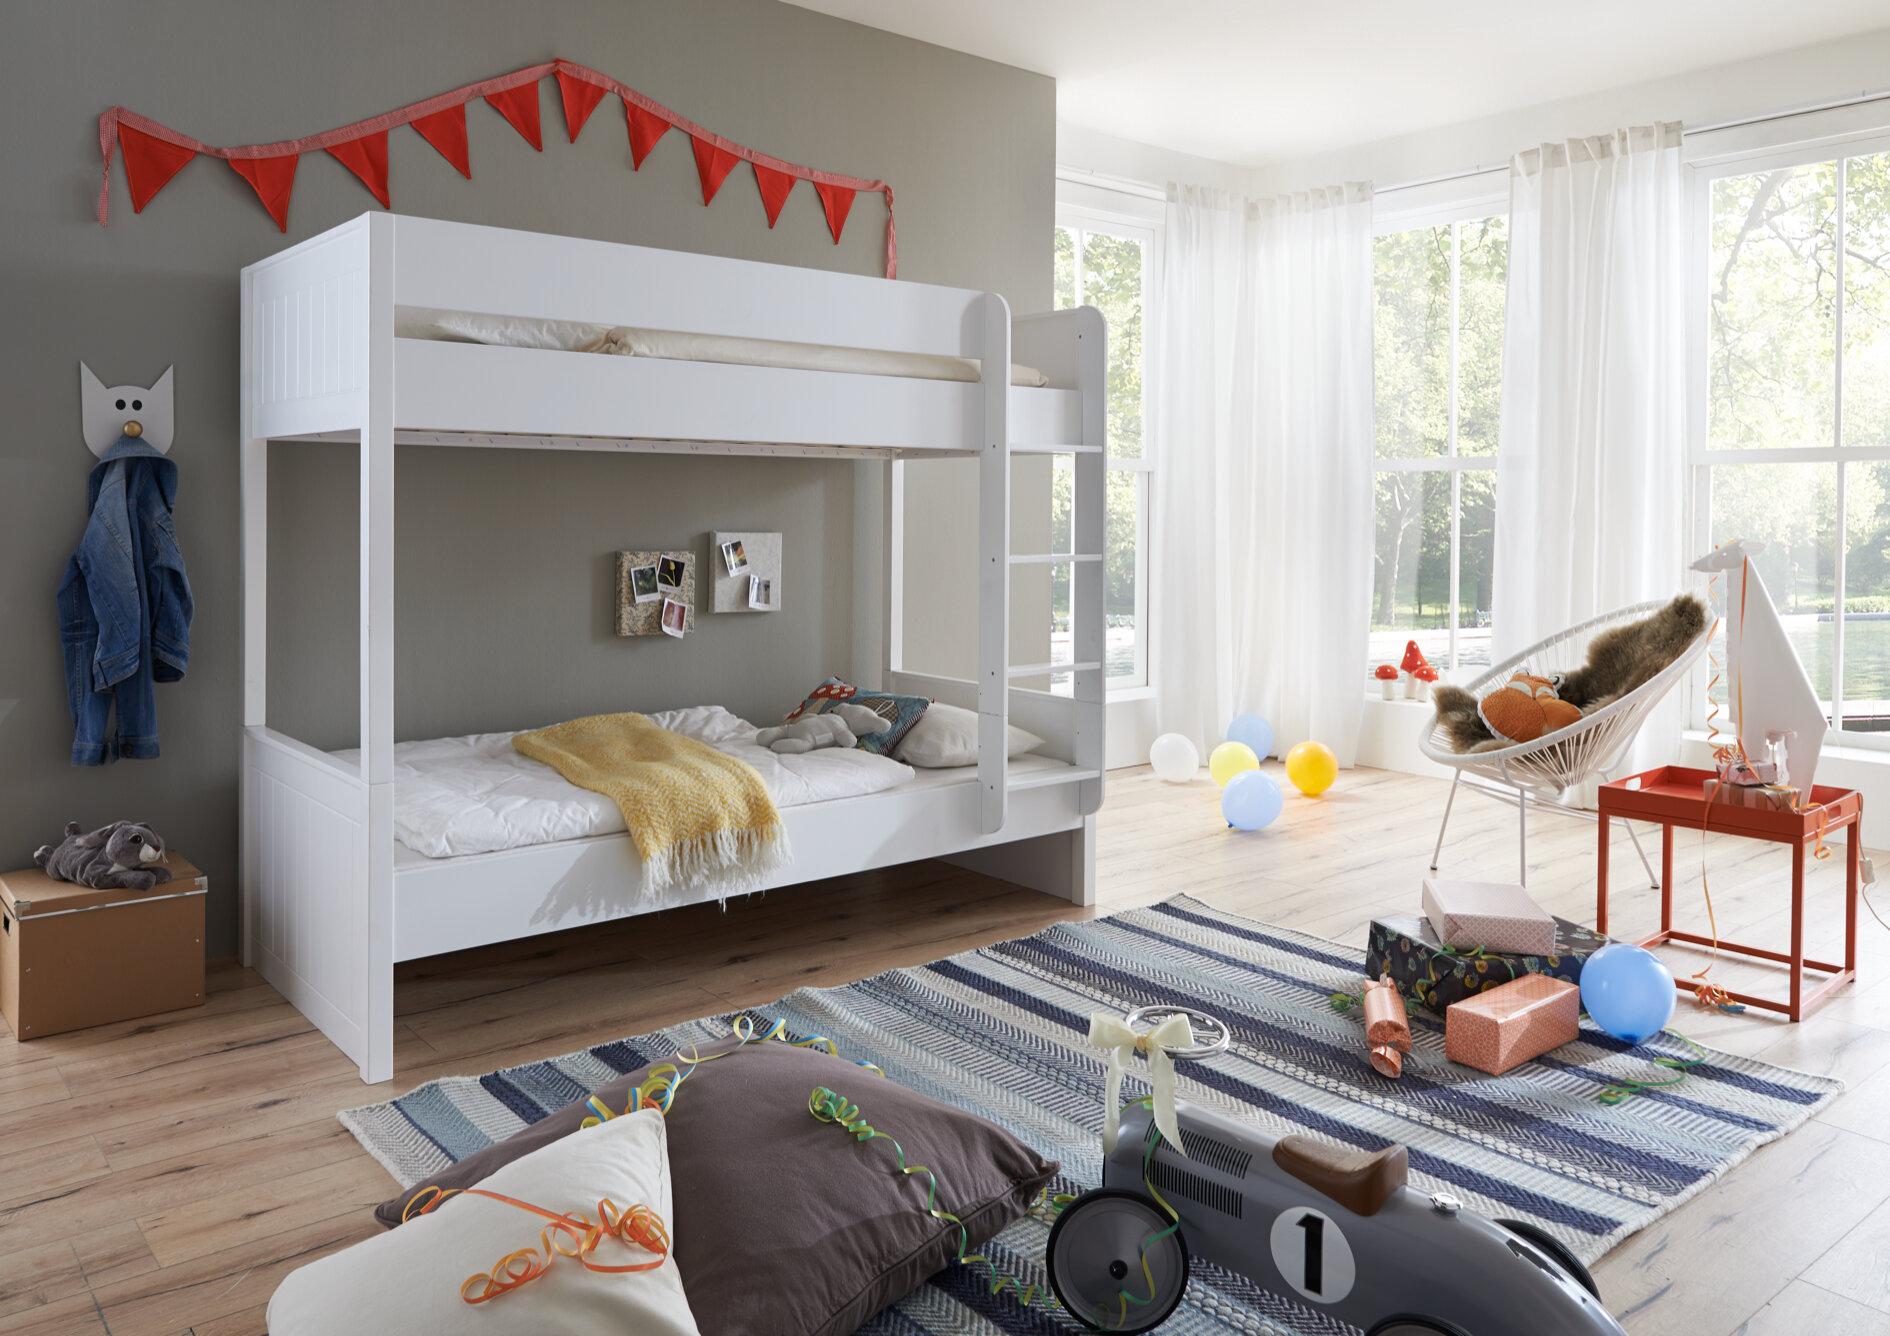 Etagenbett Rene : Etagenbett rene: moderne etagenbetten für mehr platz im kinderzimmer